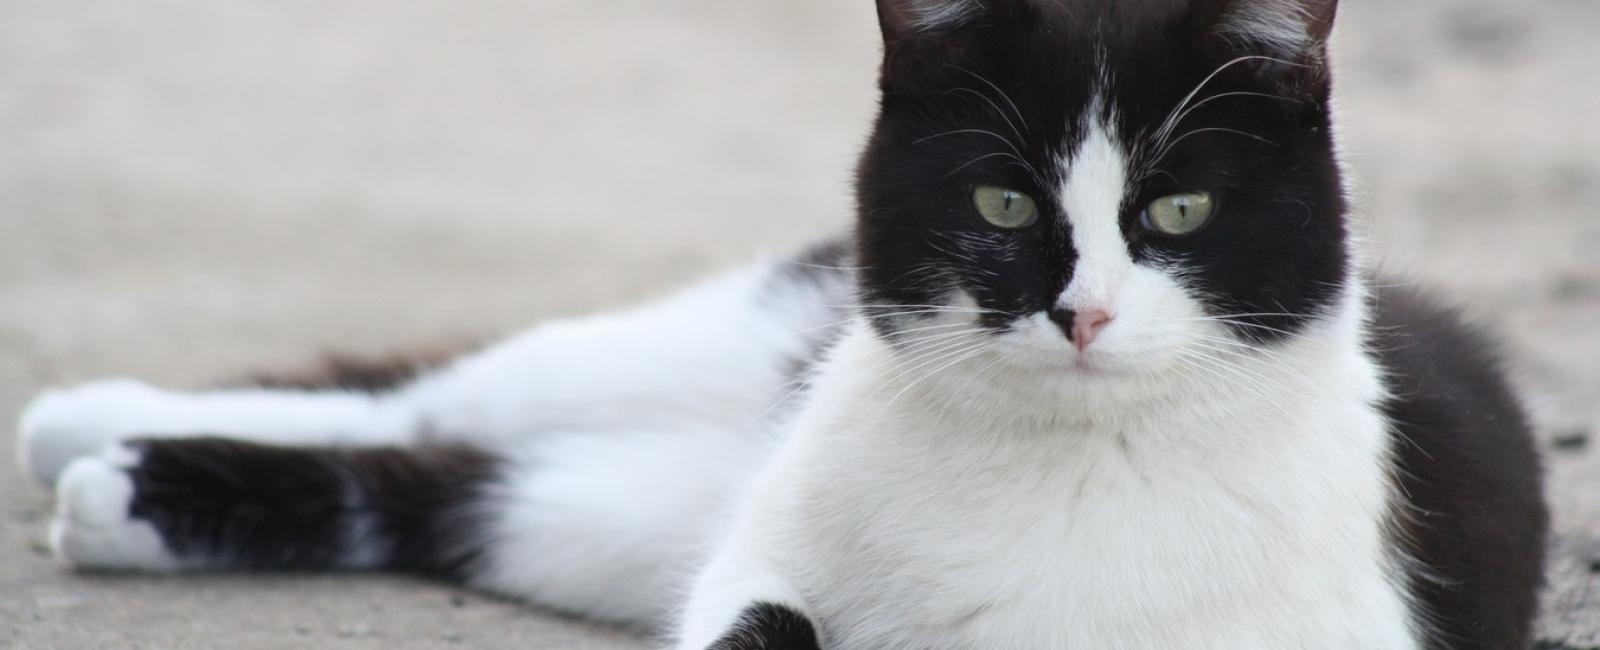 tux kitty